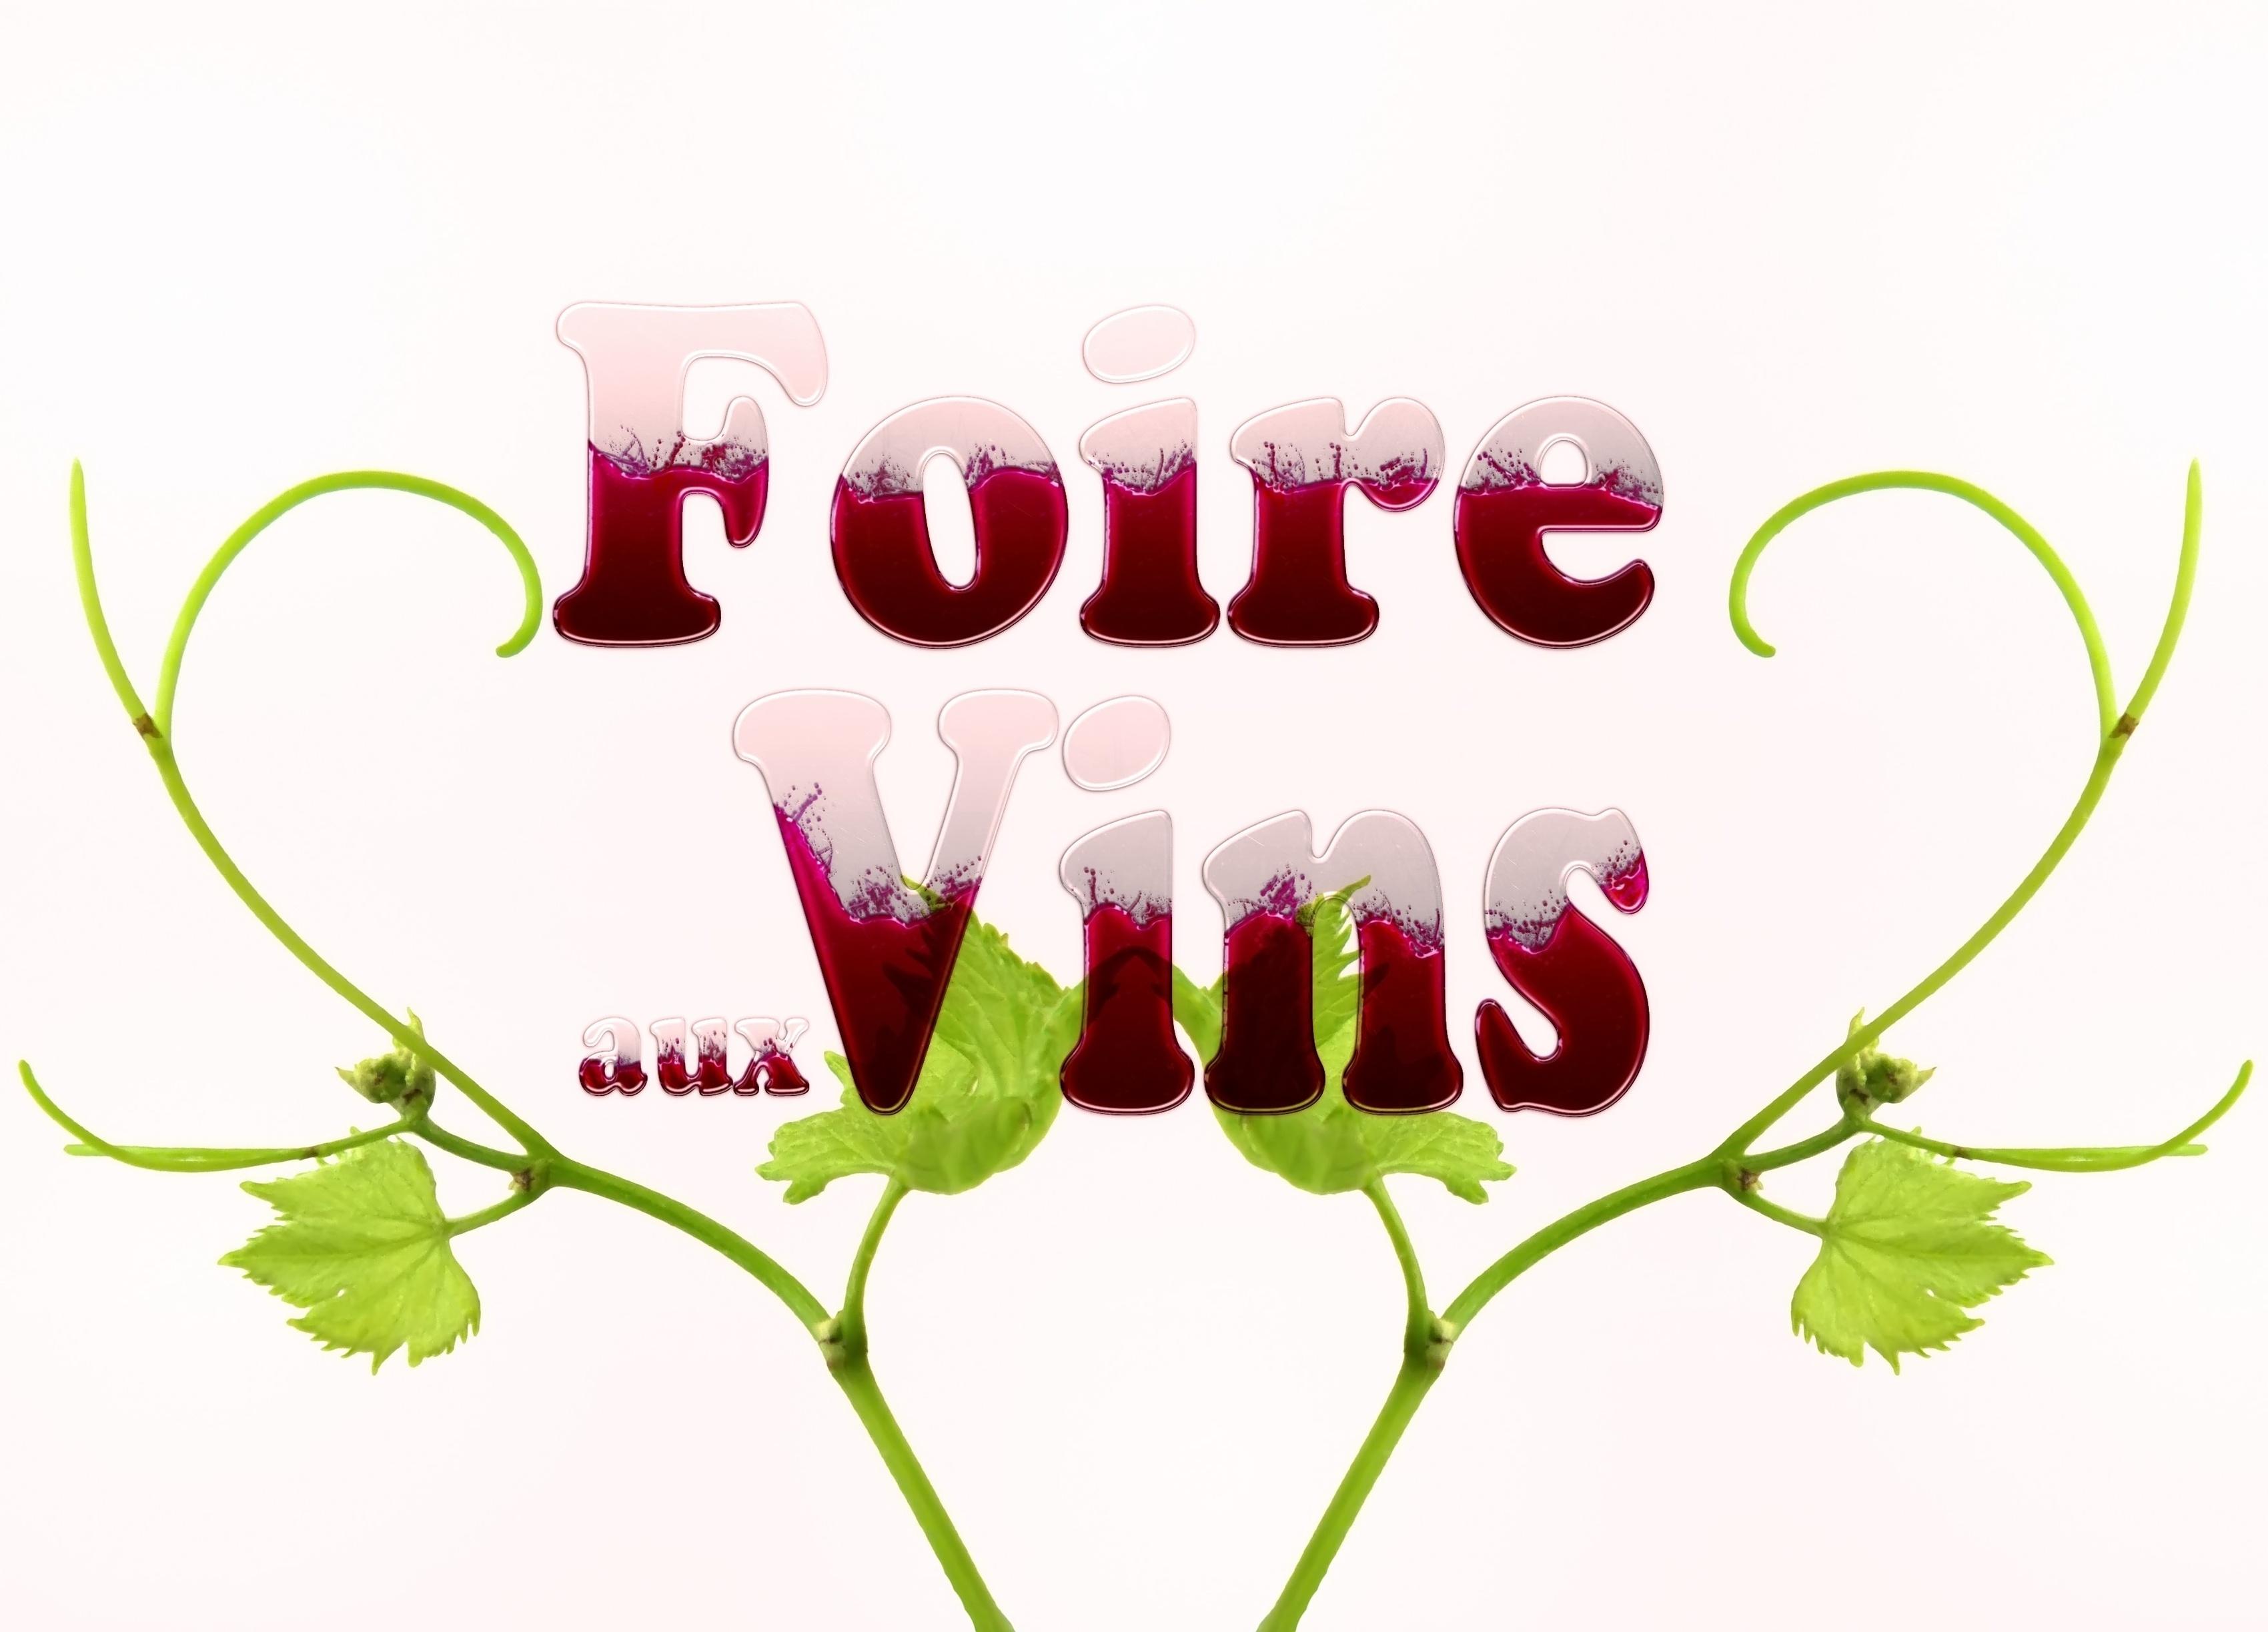 Les foires aux vins: événements incontournables